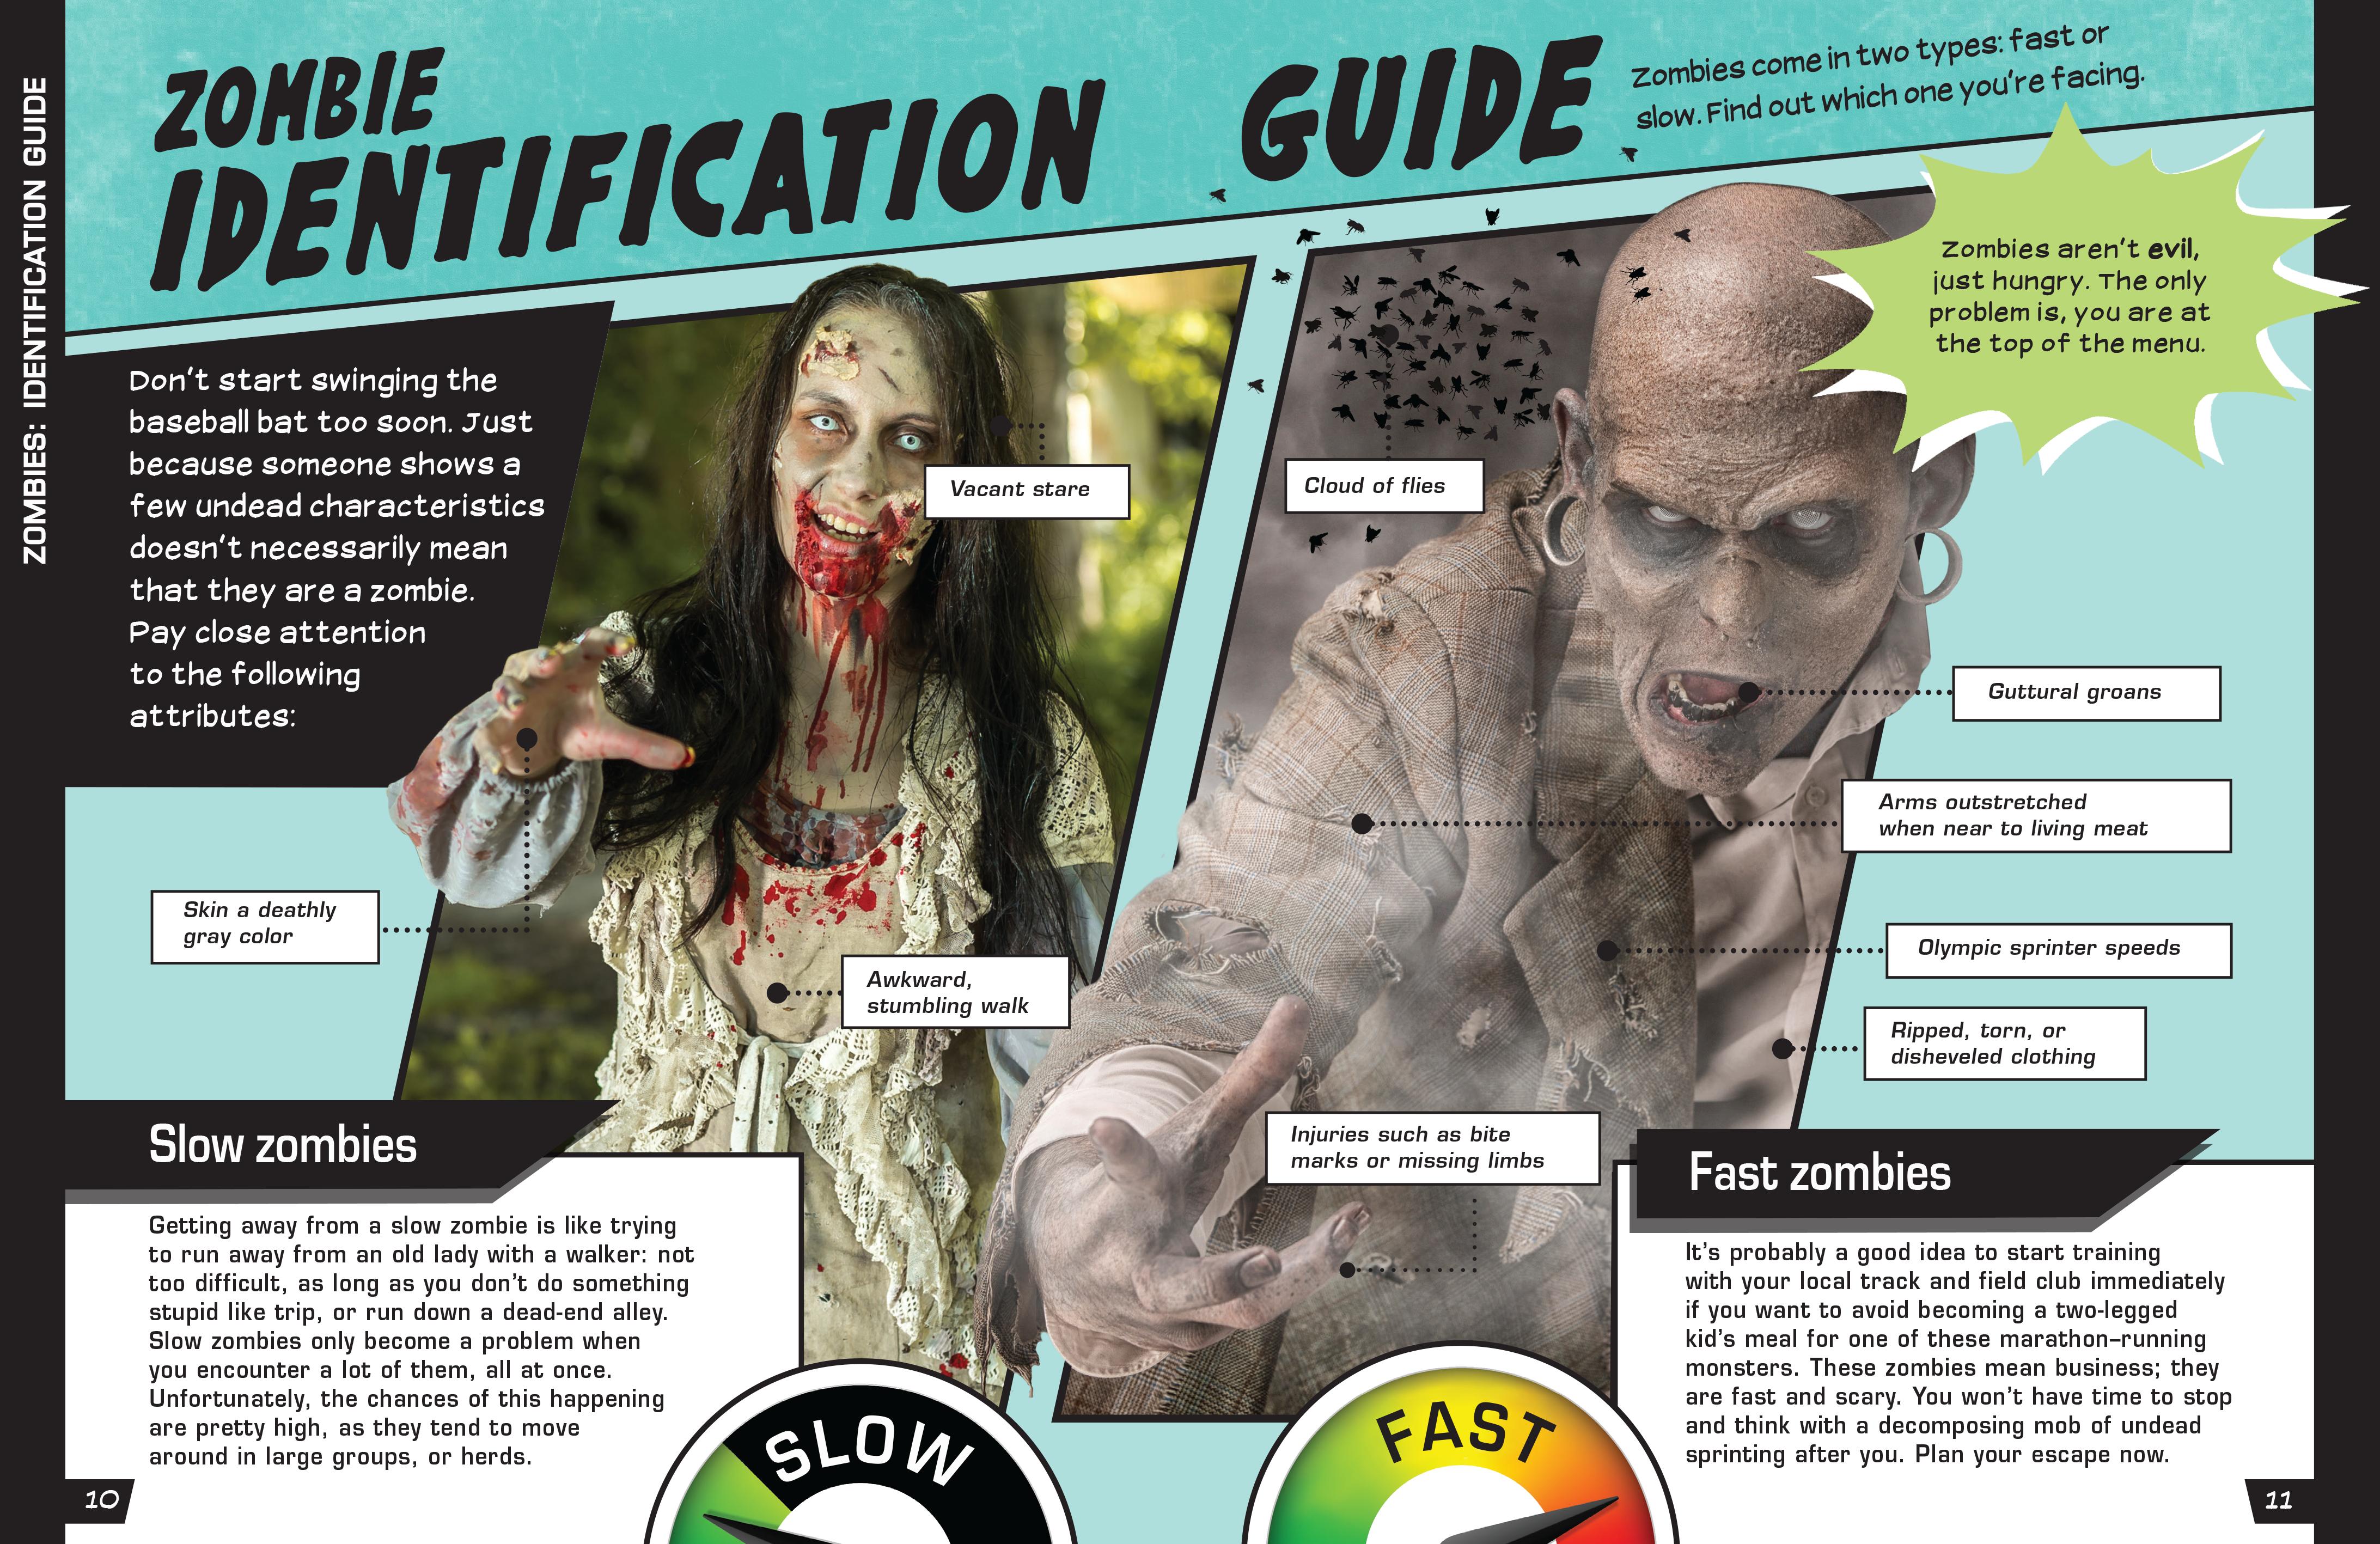 p.10-11 Zombies